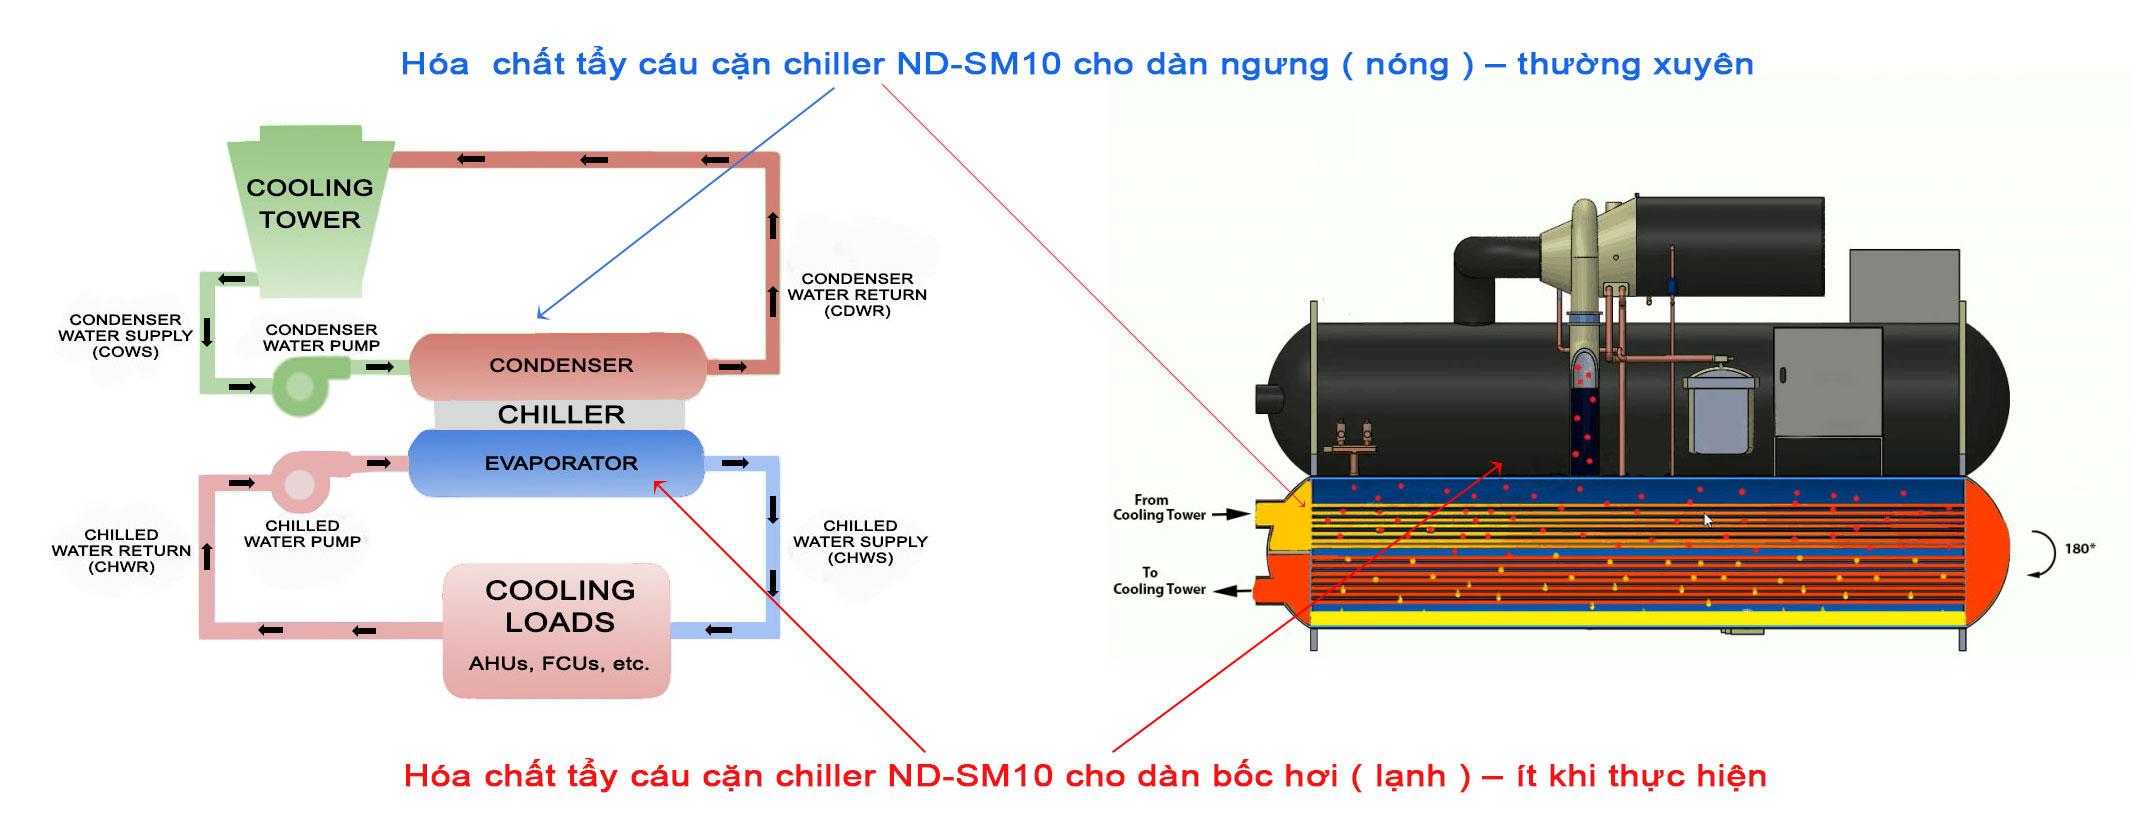 Hệ thống nước lạnh sử dụng máy làm mát bằng không khí